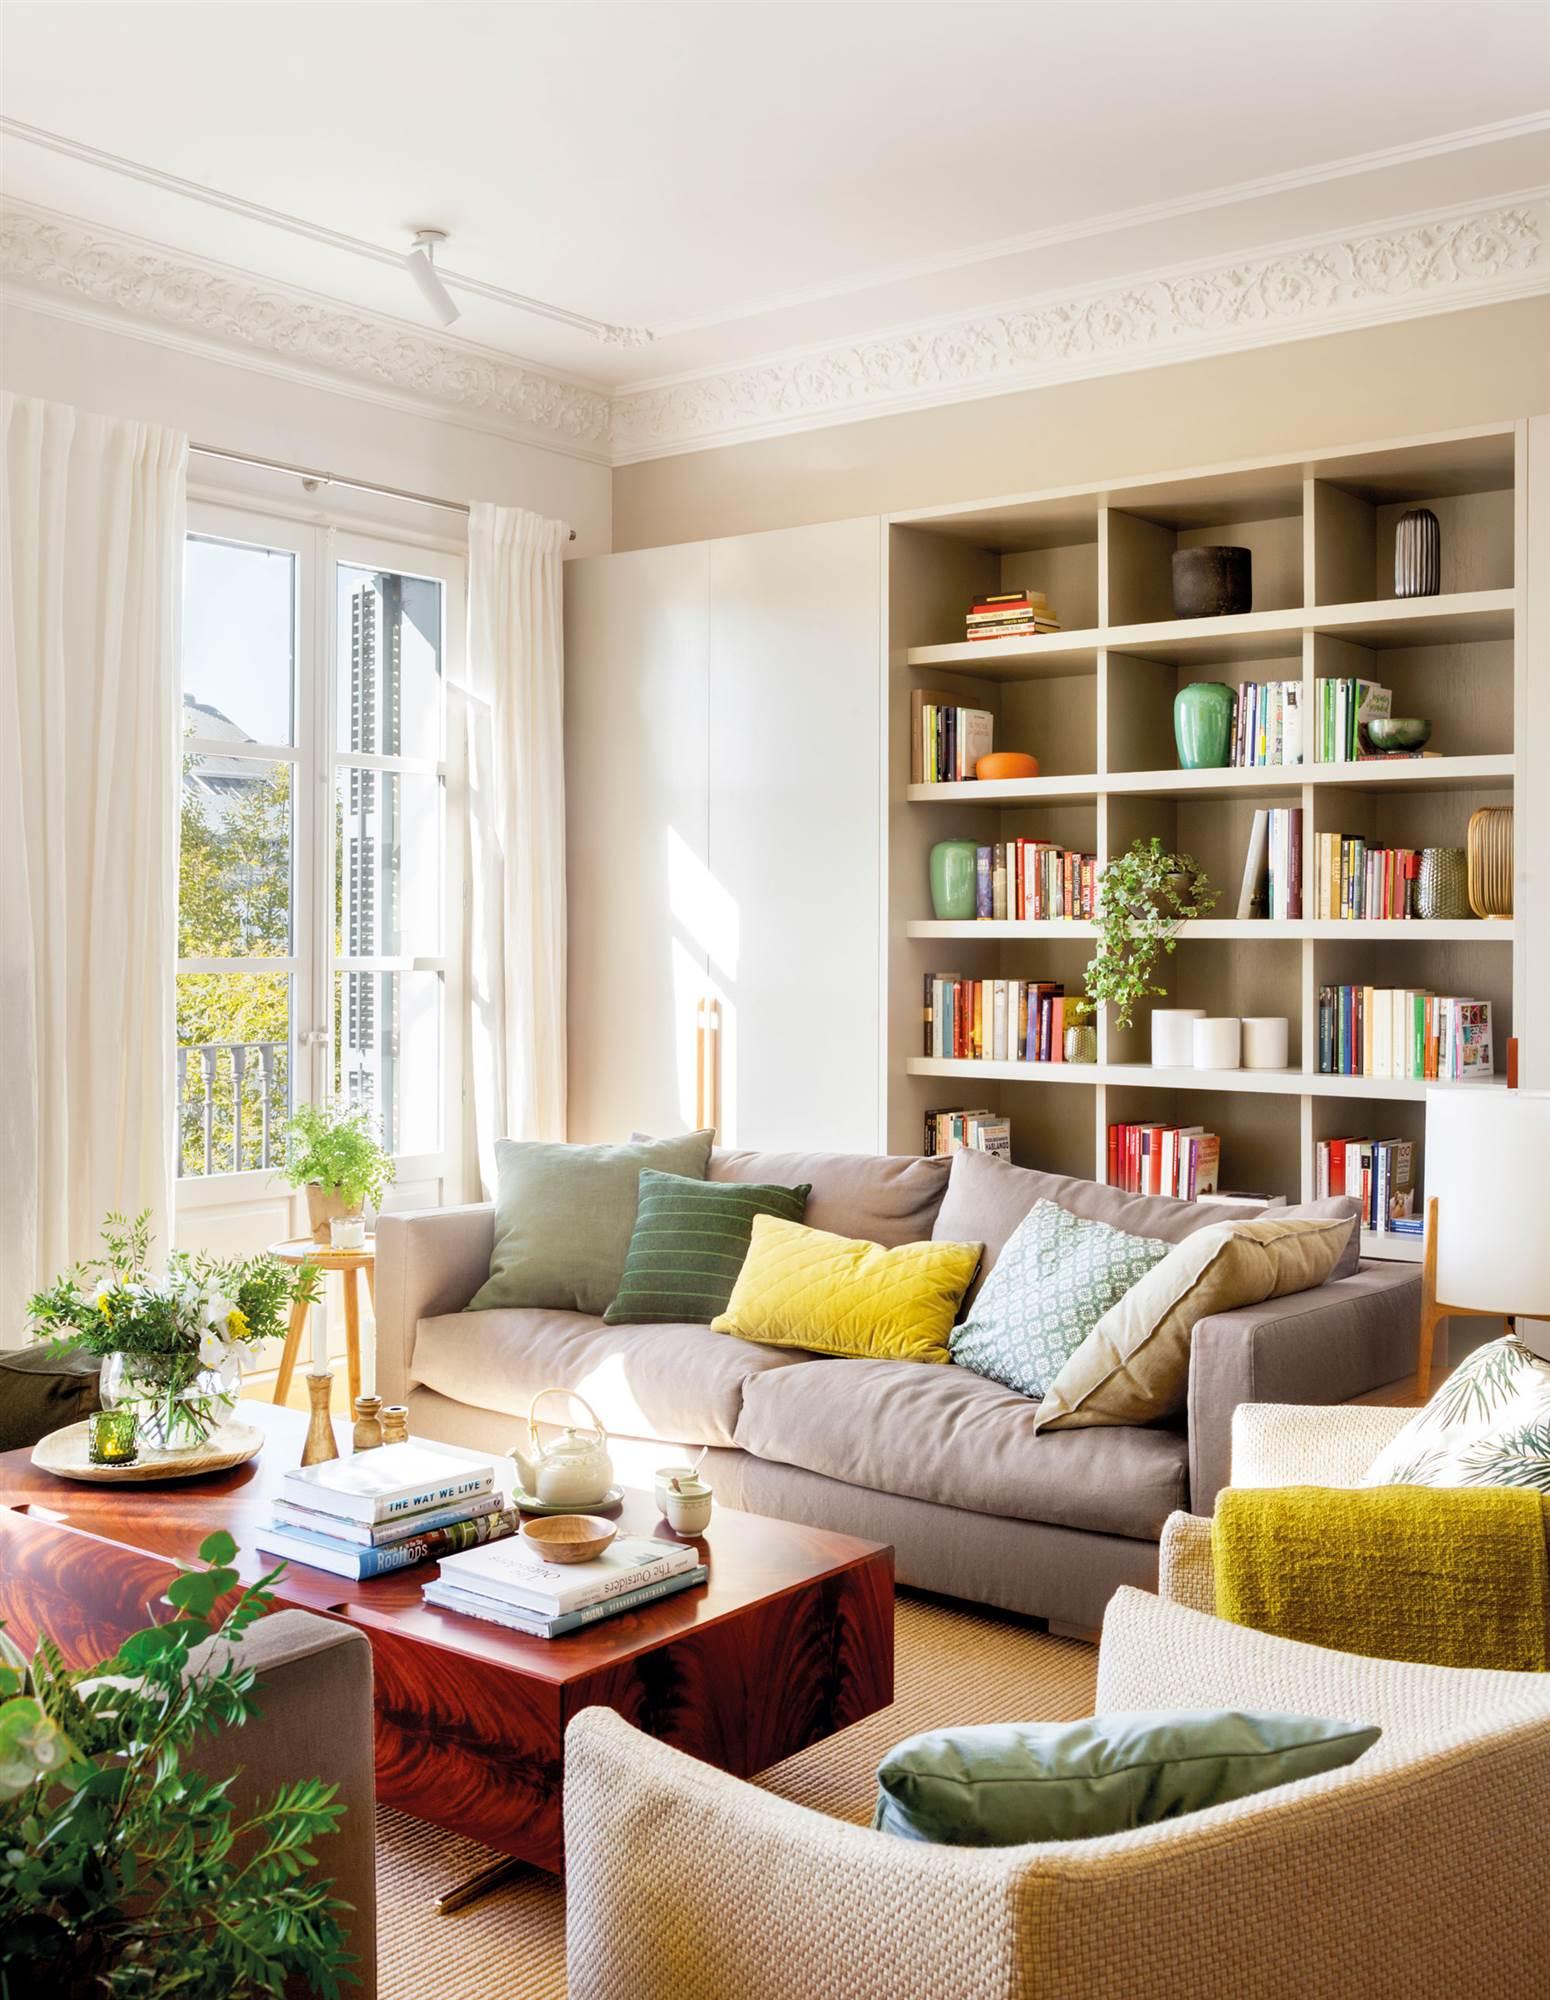 30 salones modernos y acogedores - Decorar salon clasico ...